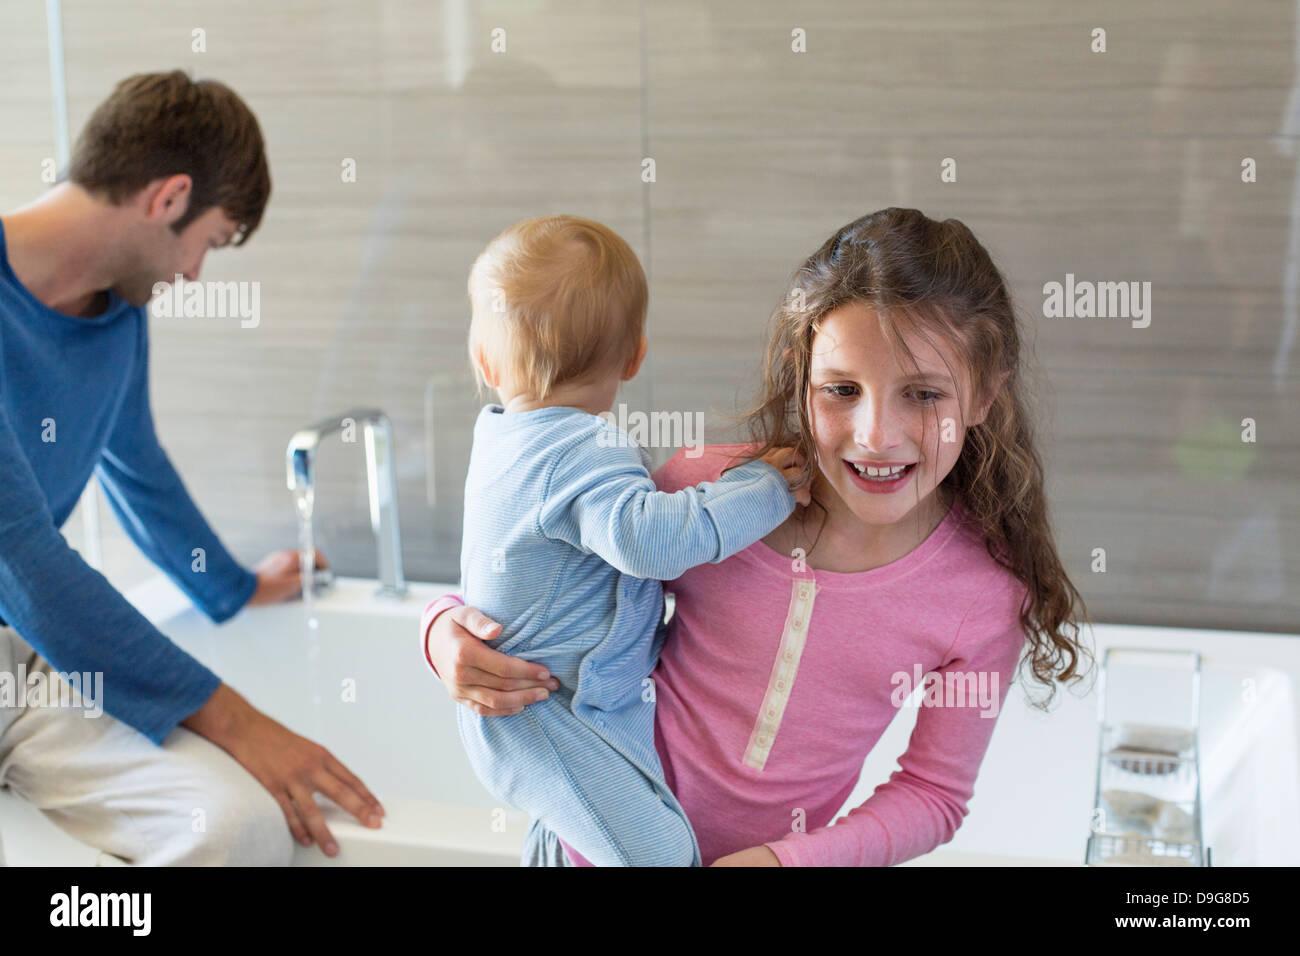 Chica sonriente con su hermano y su padre sentado en una bañera en el cuarto de baño de RIM Imagen De Stock